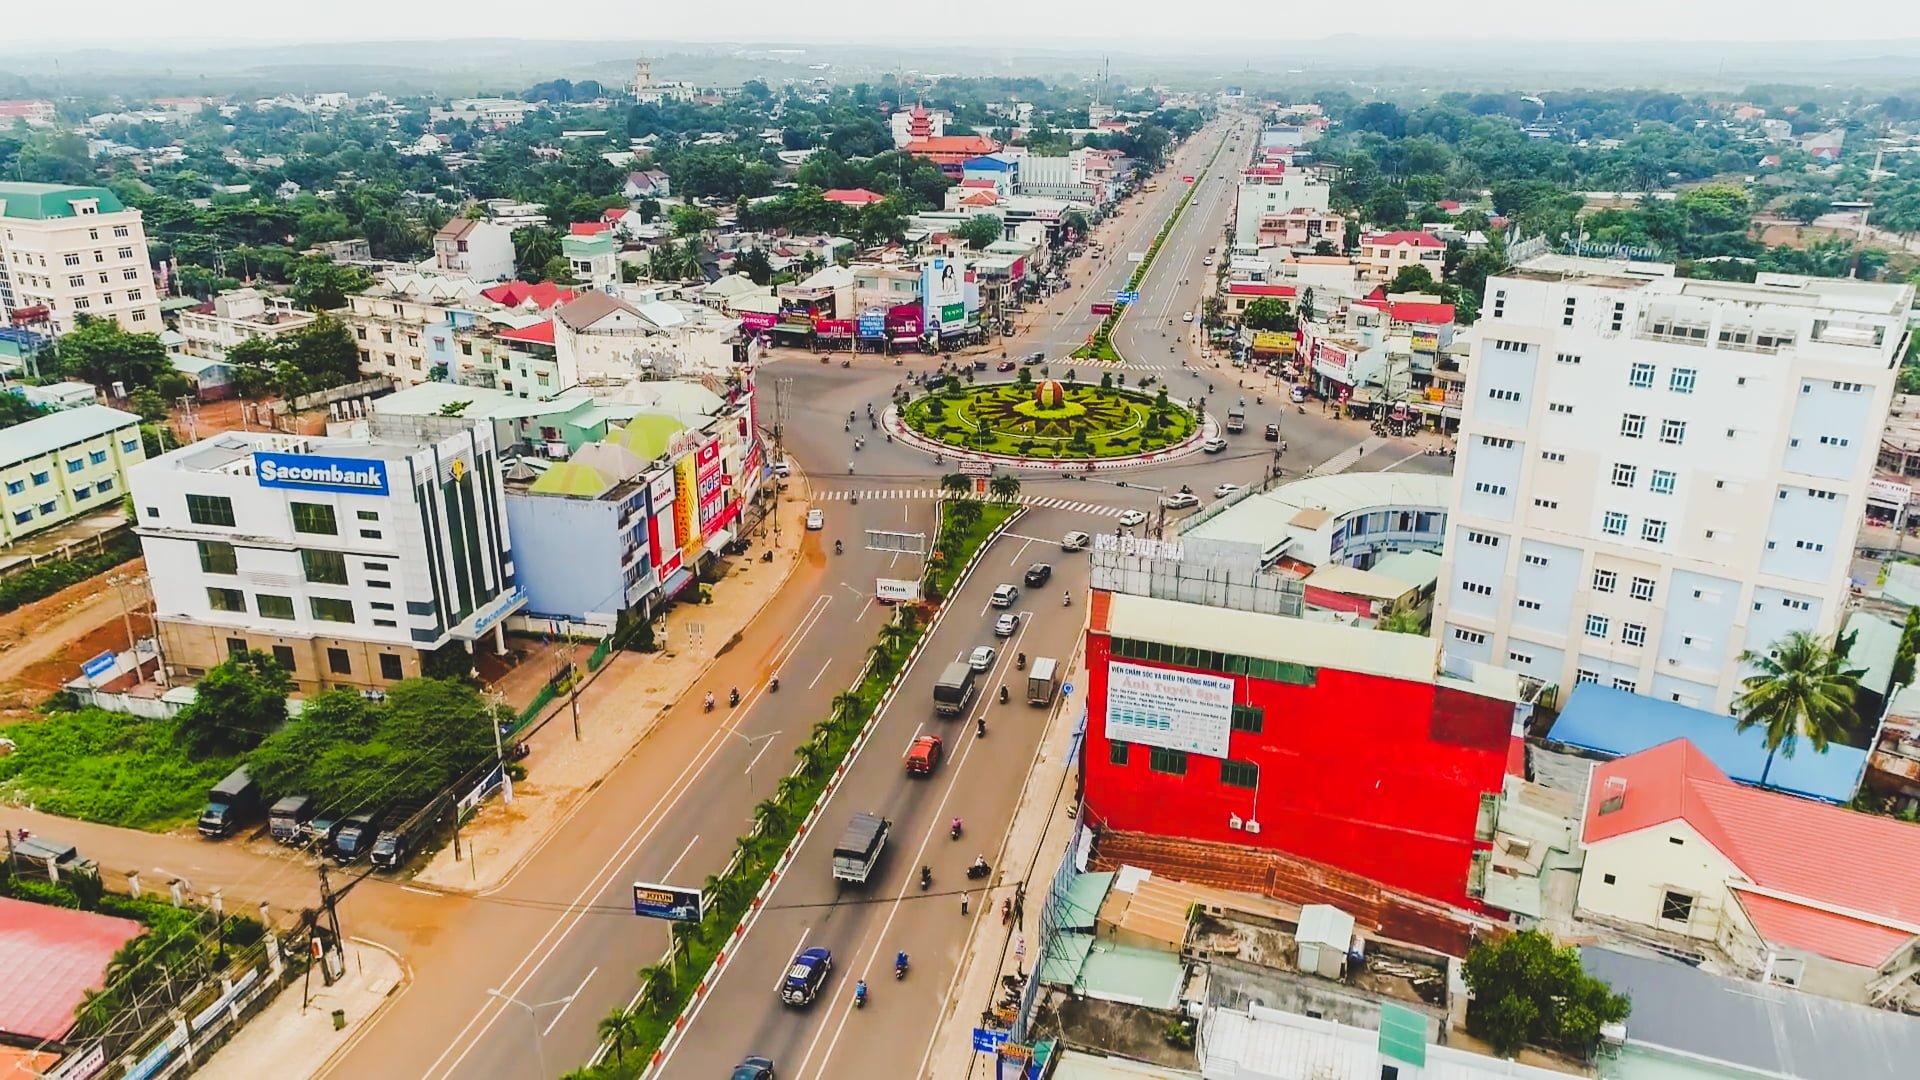 thanh pho dong xoai binh phuoc - #1 Cảm nhận và đánh giá các dự án đất nền tỉnh Bình Phước năm 2020